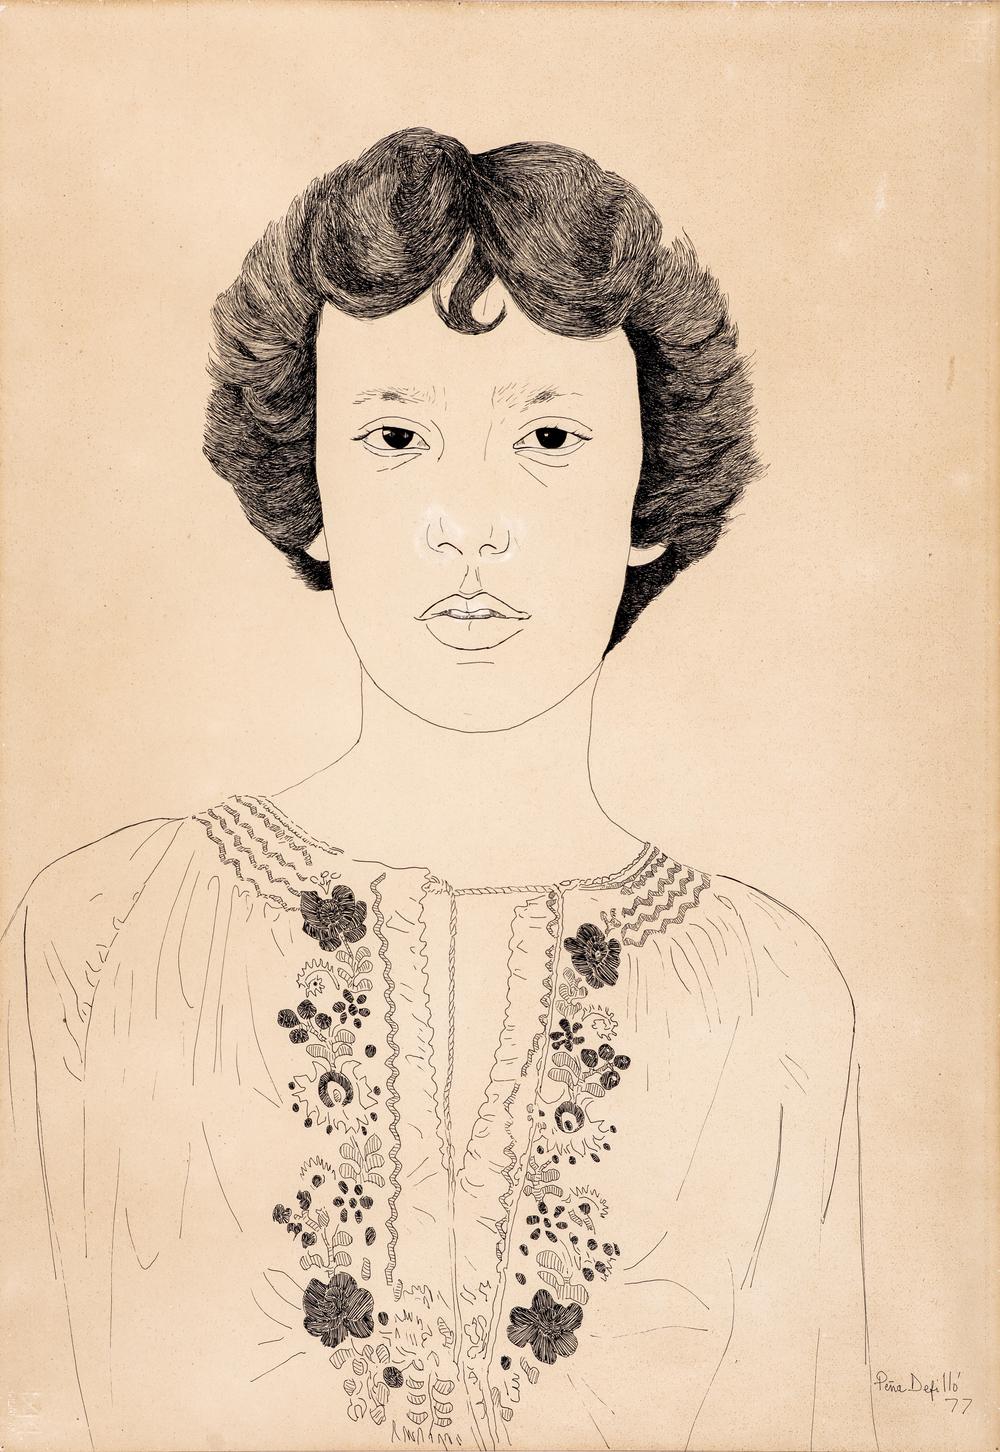 Retrato de Patricia, 1977.